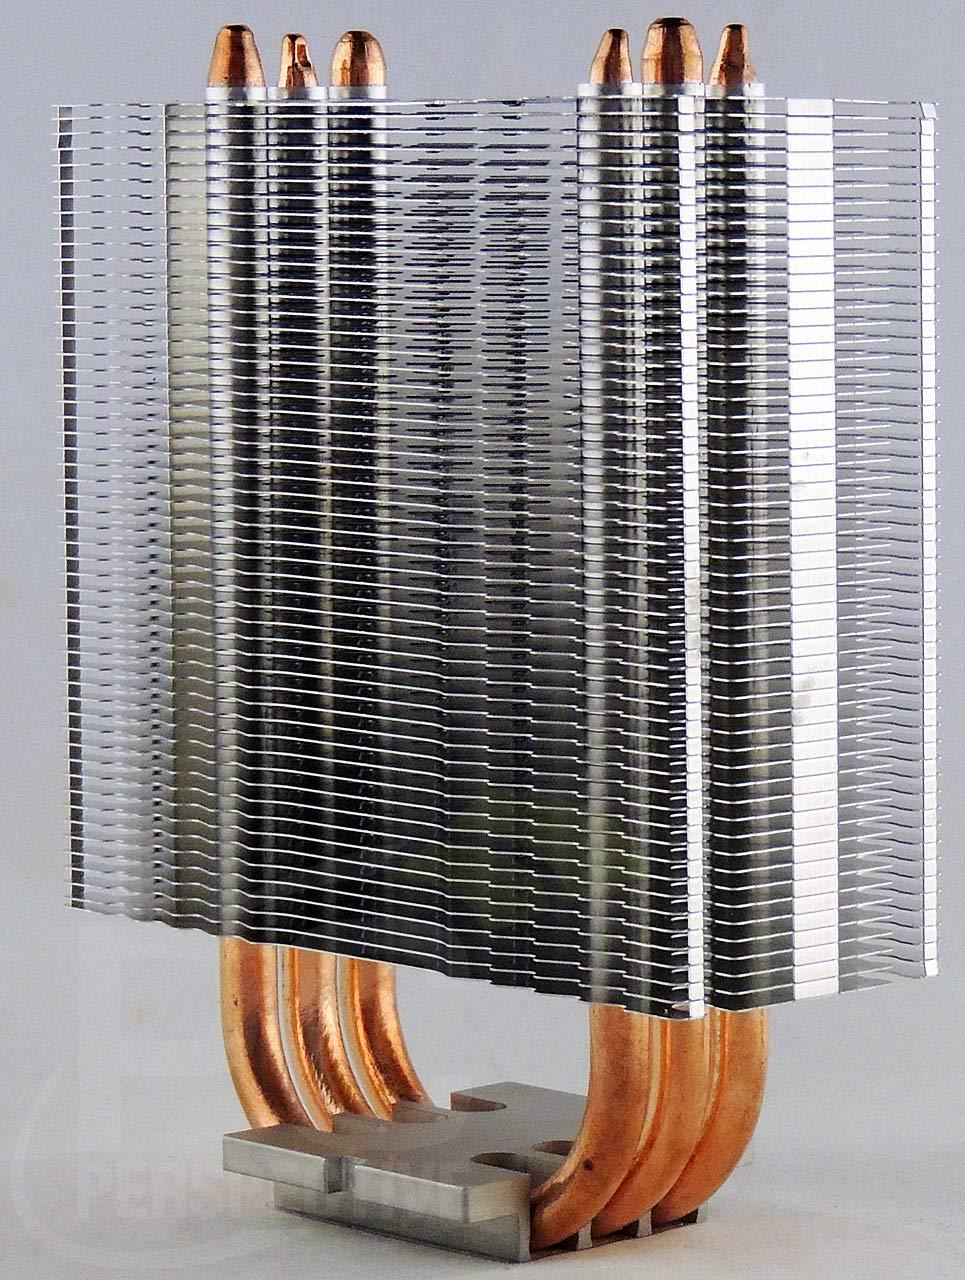 03-cooler-nofans-profile-0.jpg